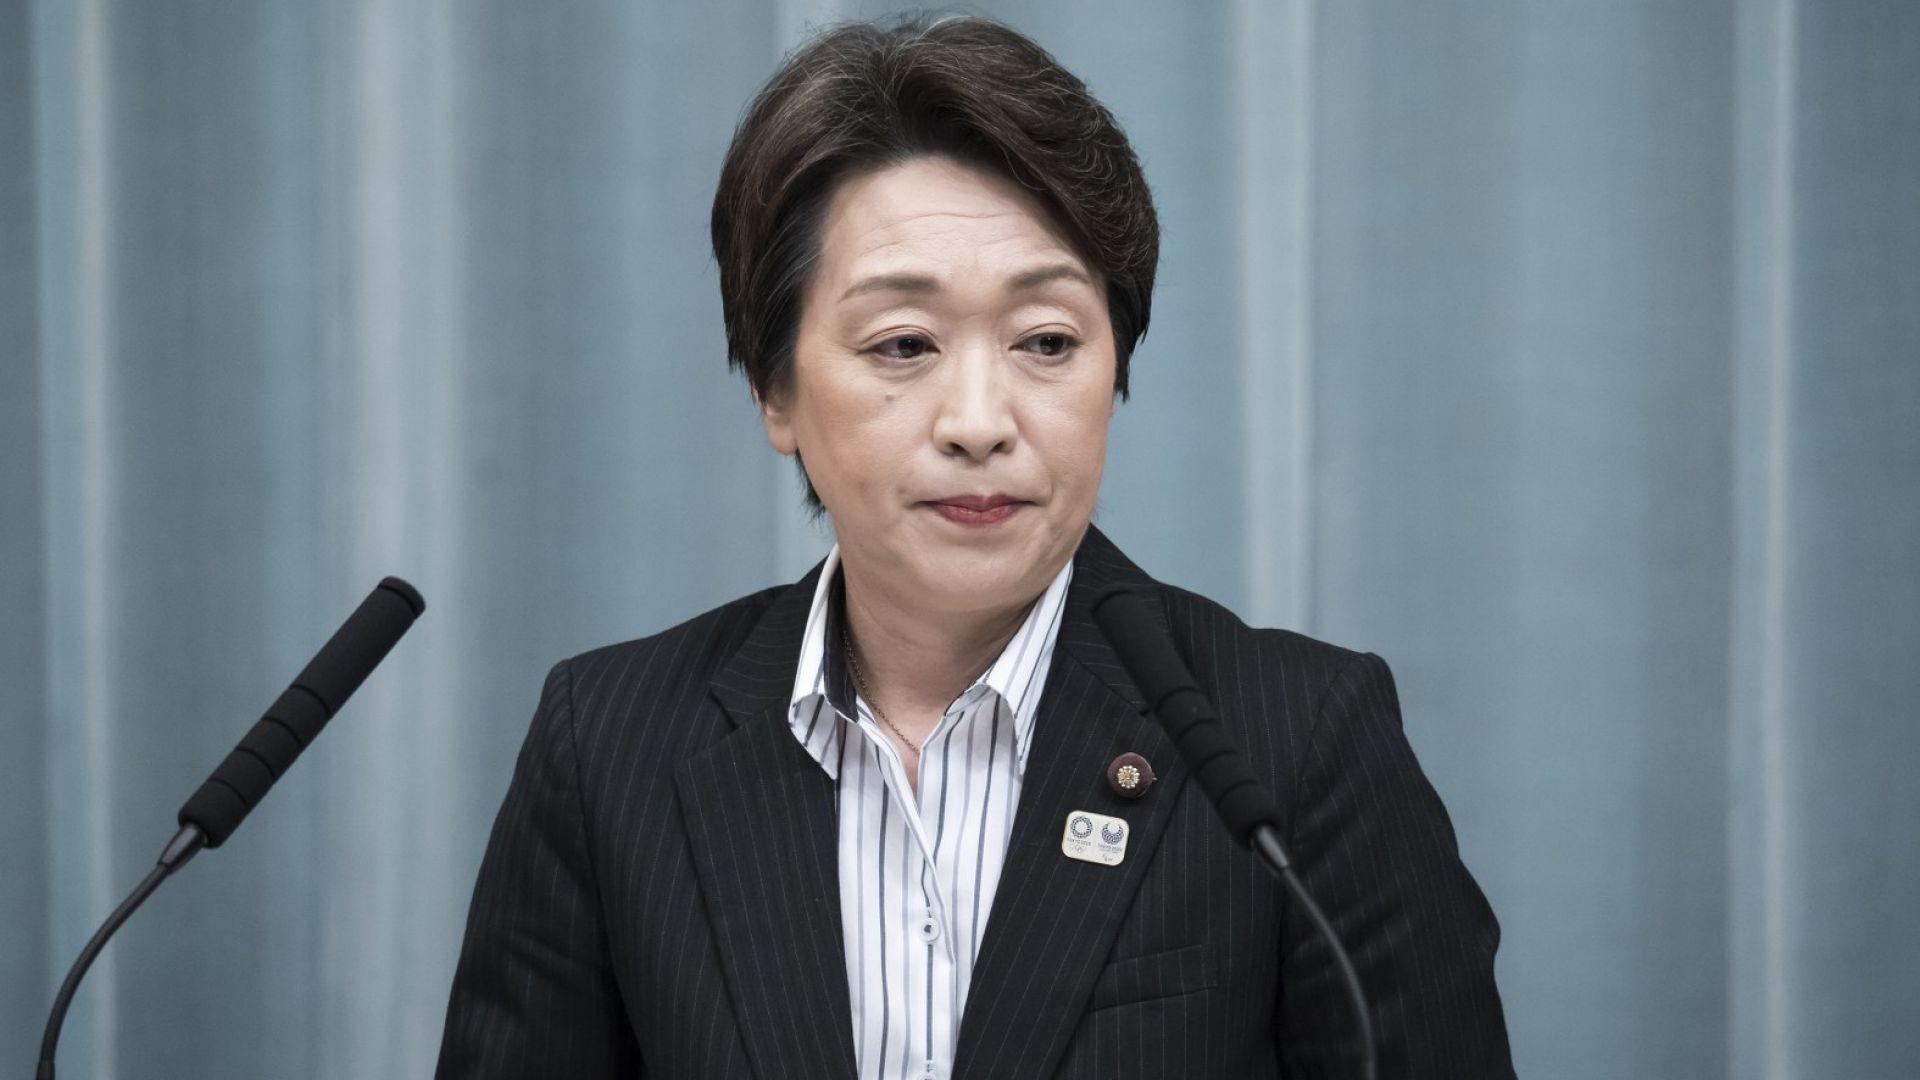 След обвиненията в сексизъм: Новият шеф на Олимпиадата ще е жена